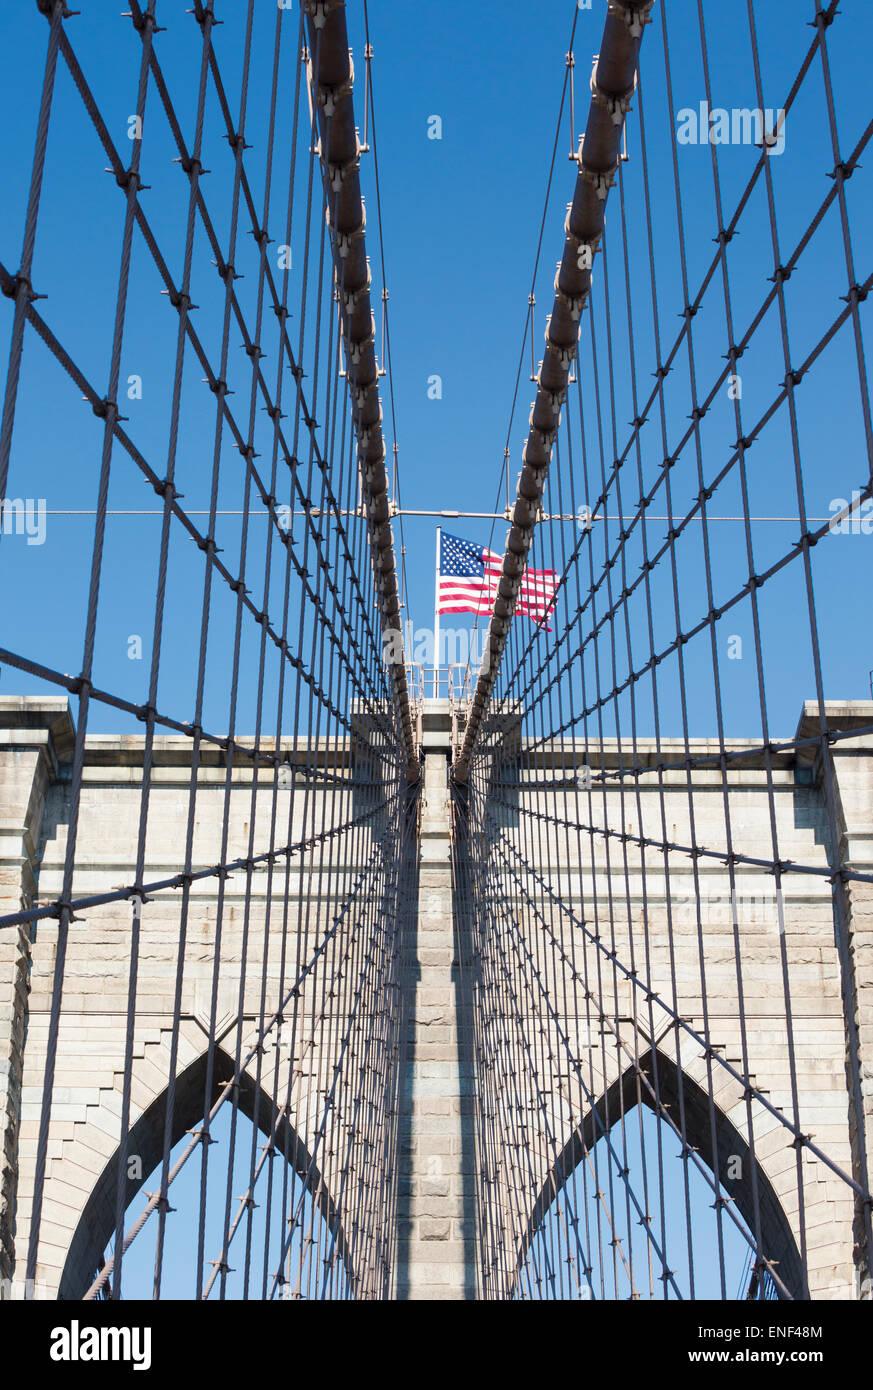 New York, État de New York, États-Unis d'Amérique. Pont de Brooklyn avec le drapeau américain Photo Stock